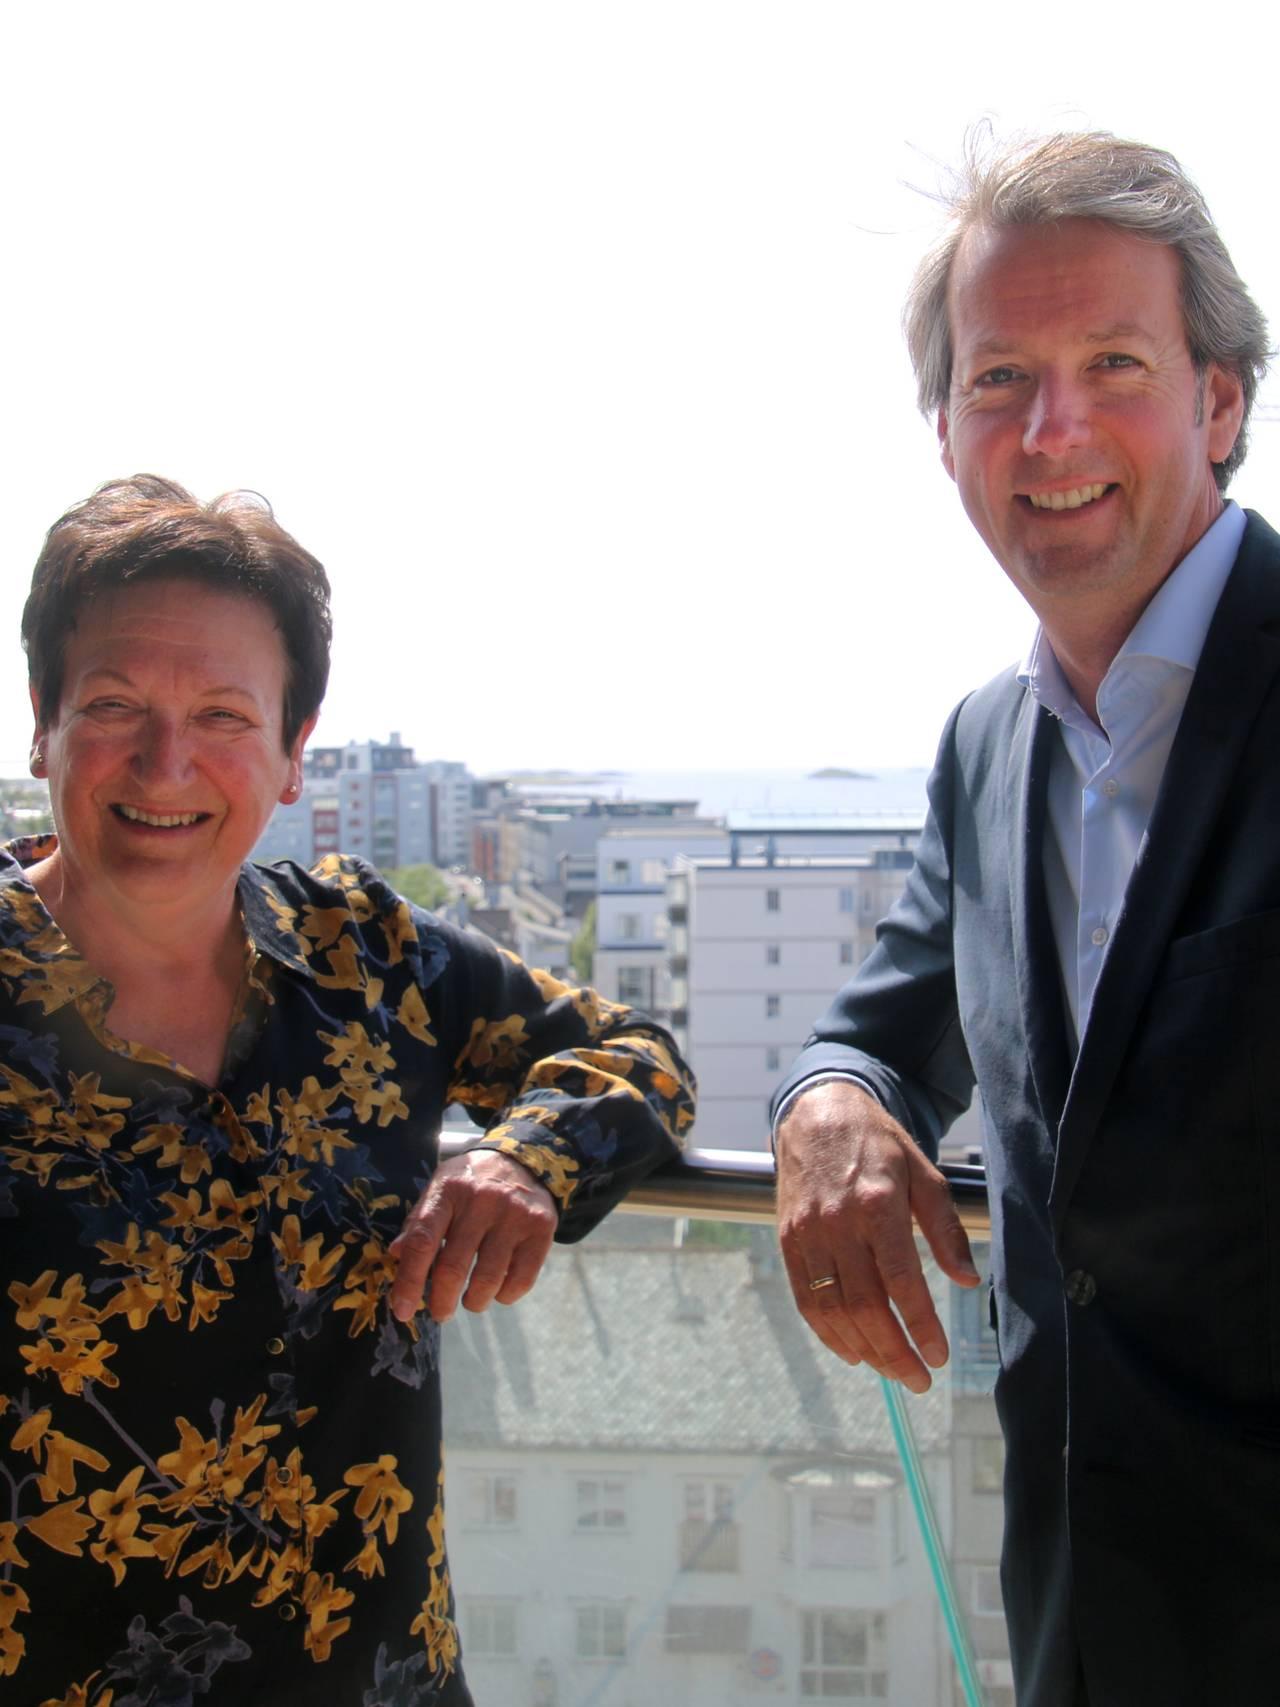 Andre Wallann-Larsen er ansatt som direktør for kulturhovedstadprosjektet Bodø2024. Her sammen med styreleder Hill-Marta Solberg.